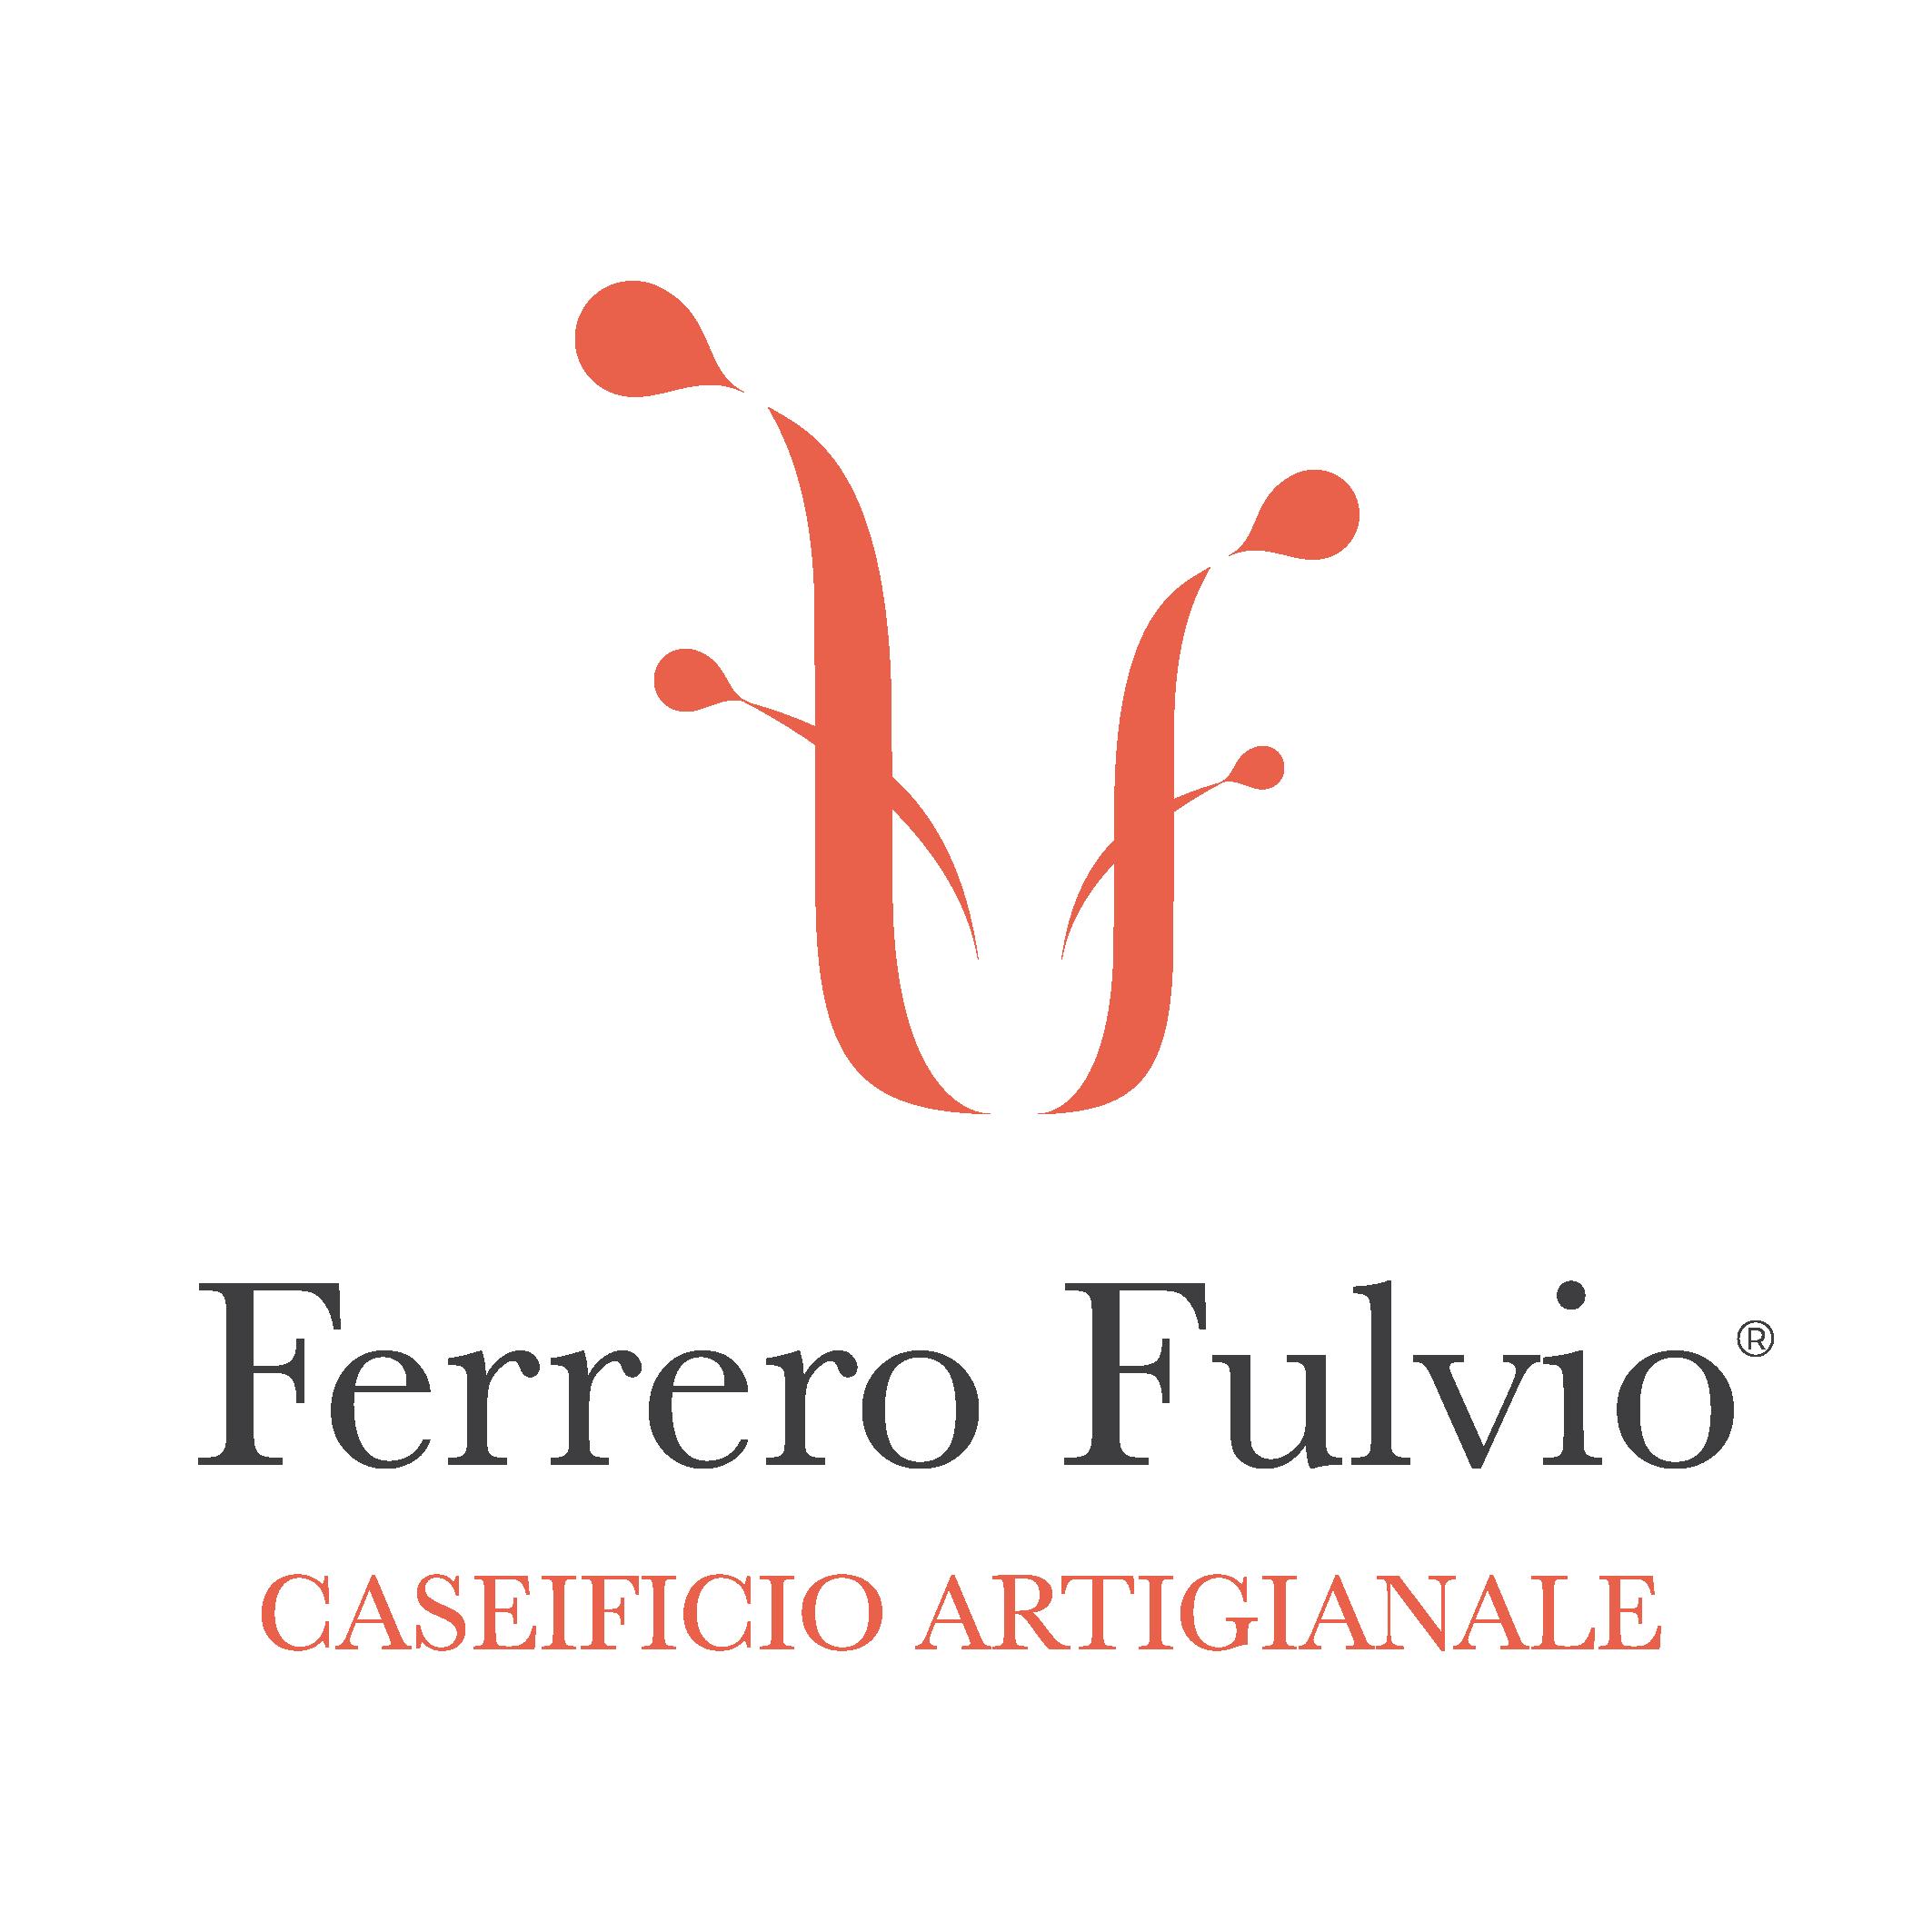 CASEIFICIO FERRERO